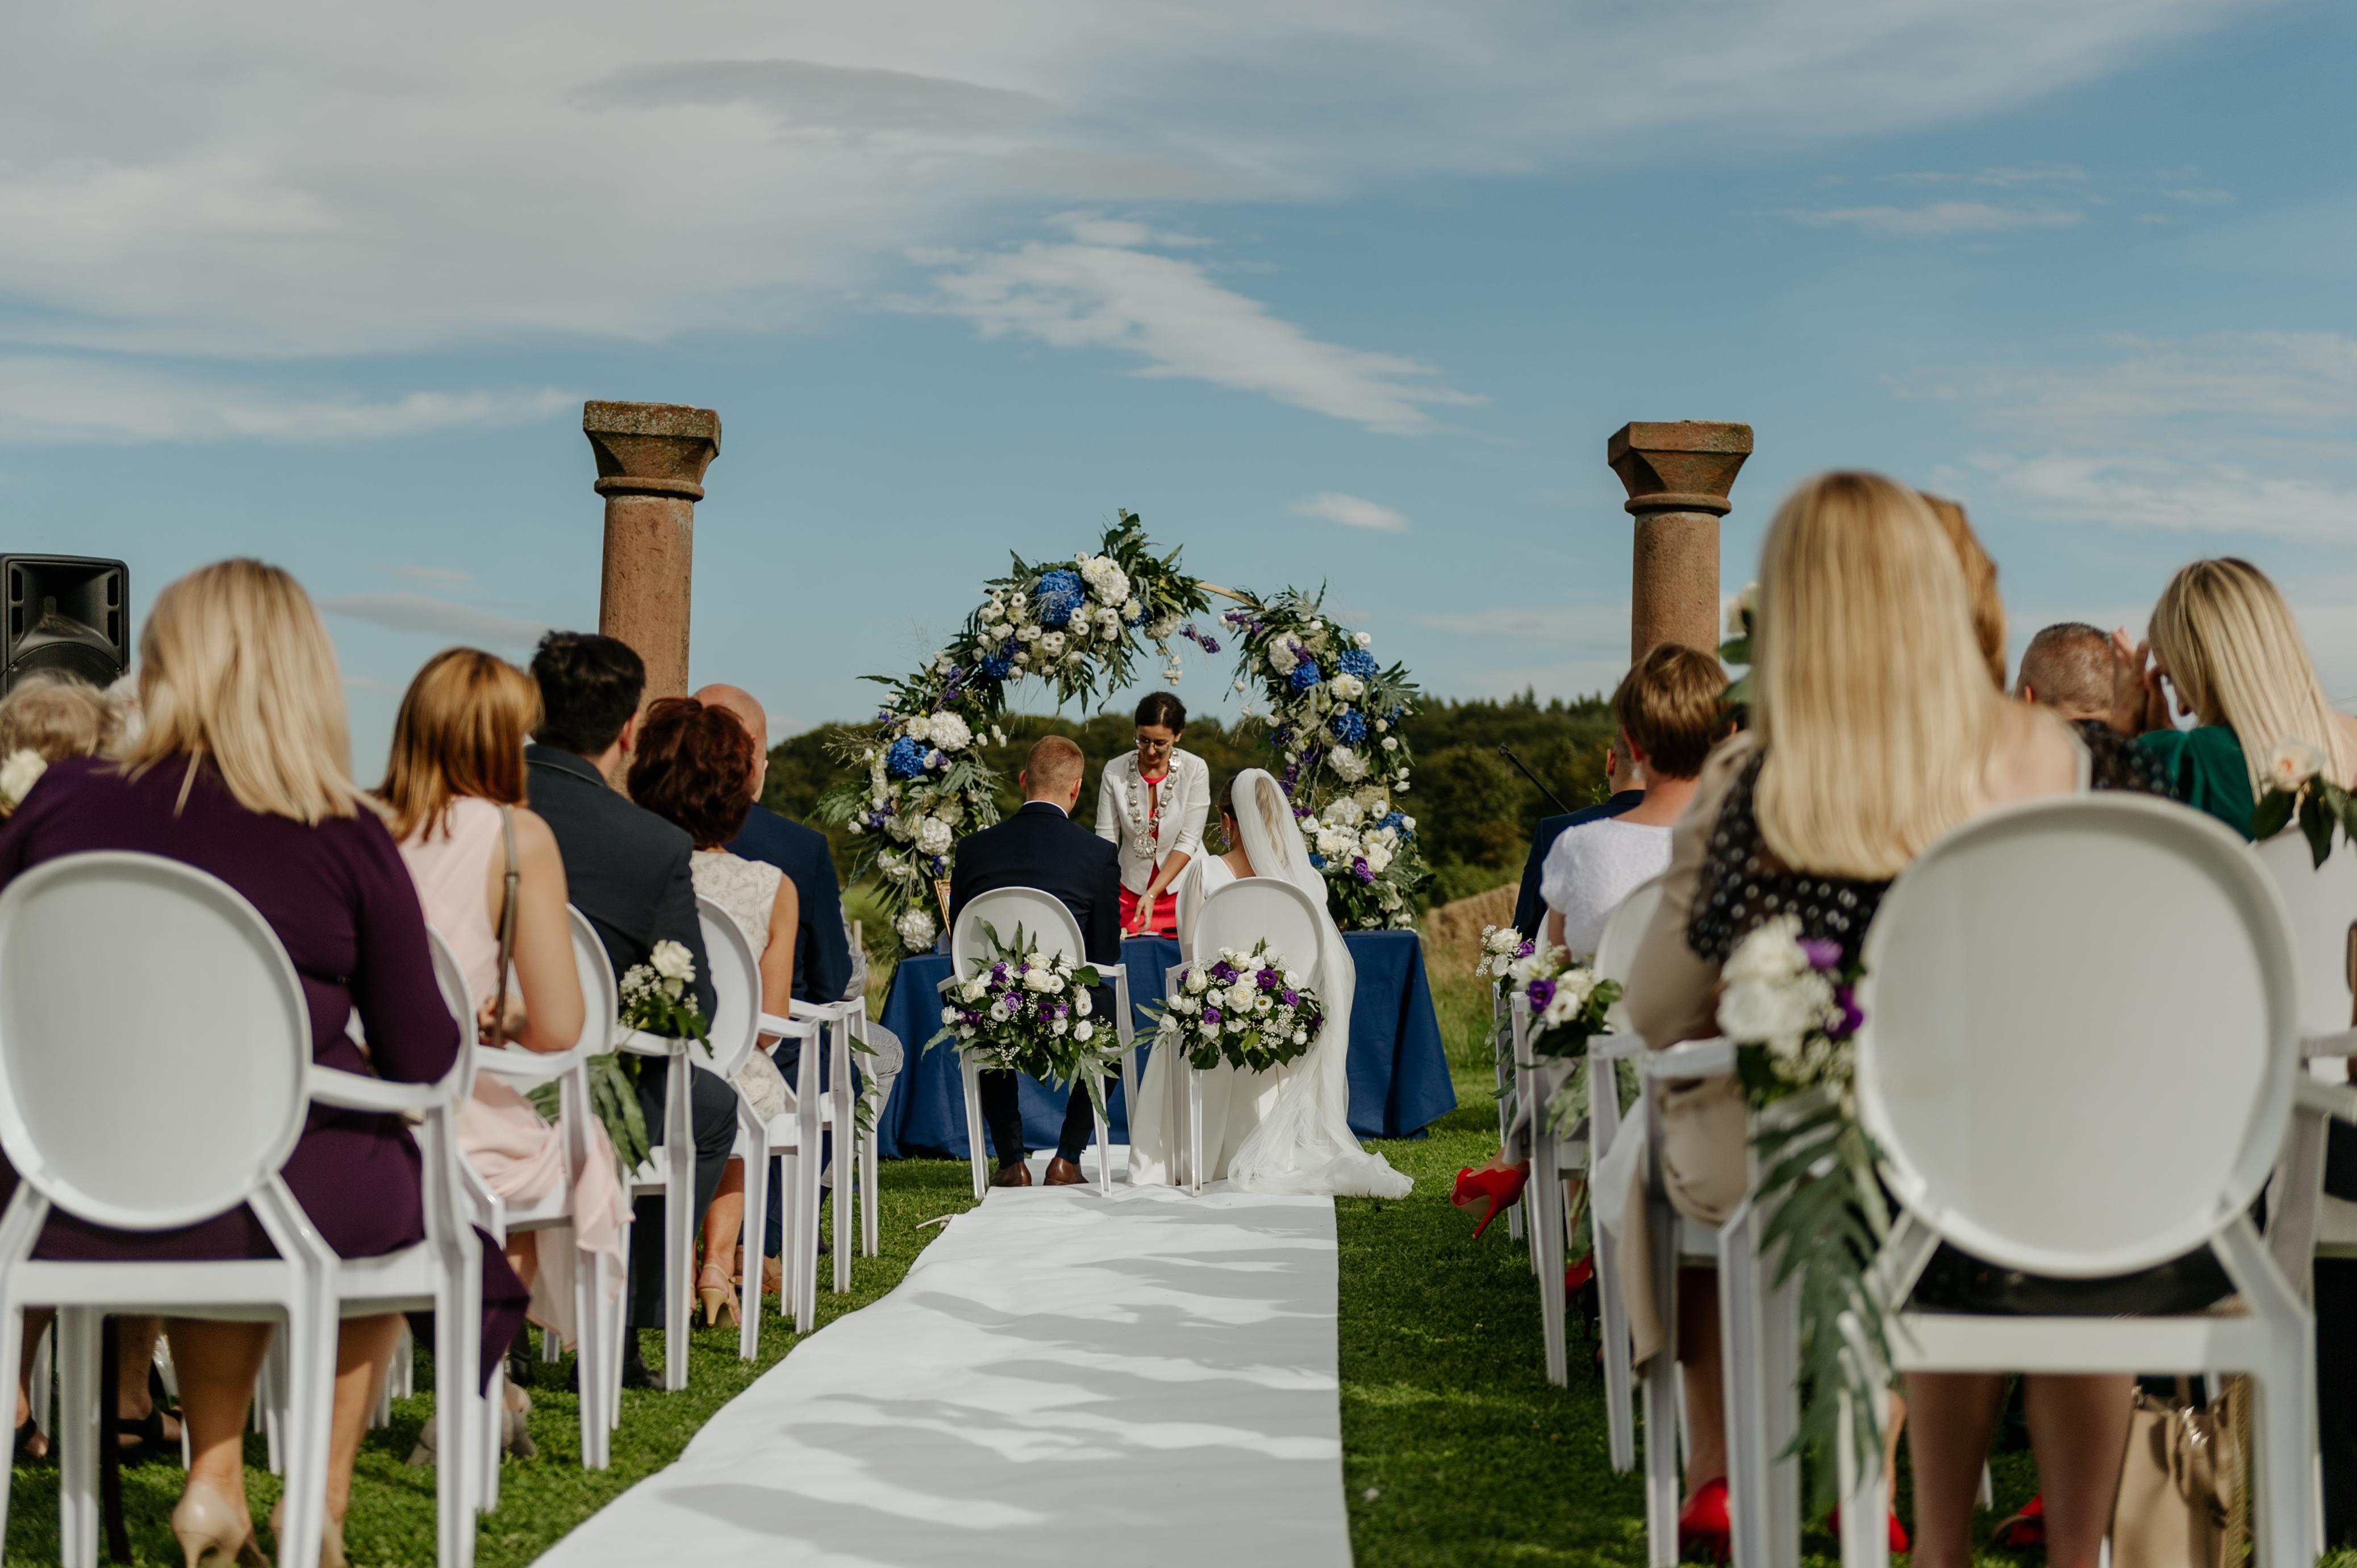 www.kazimierzjurewicz.blogspot.com